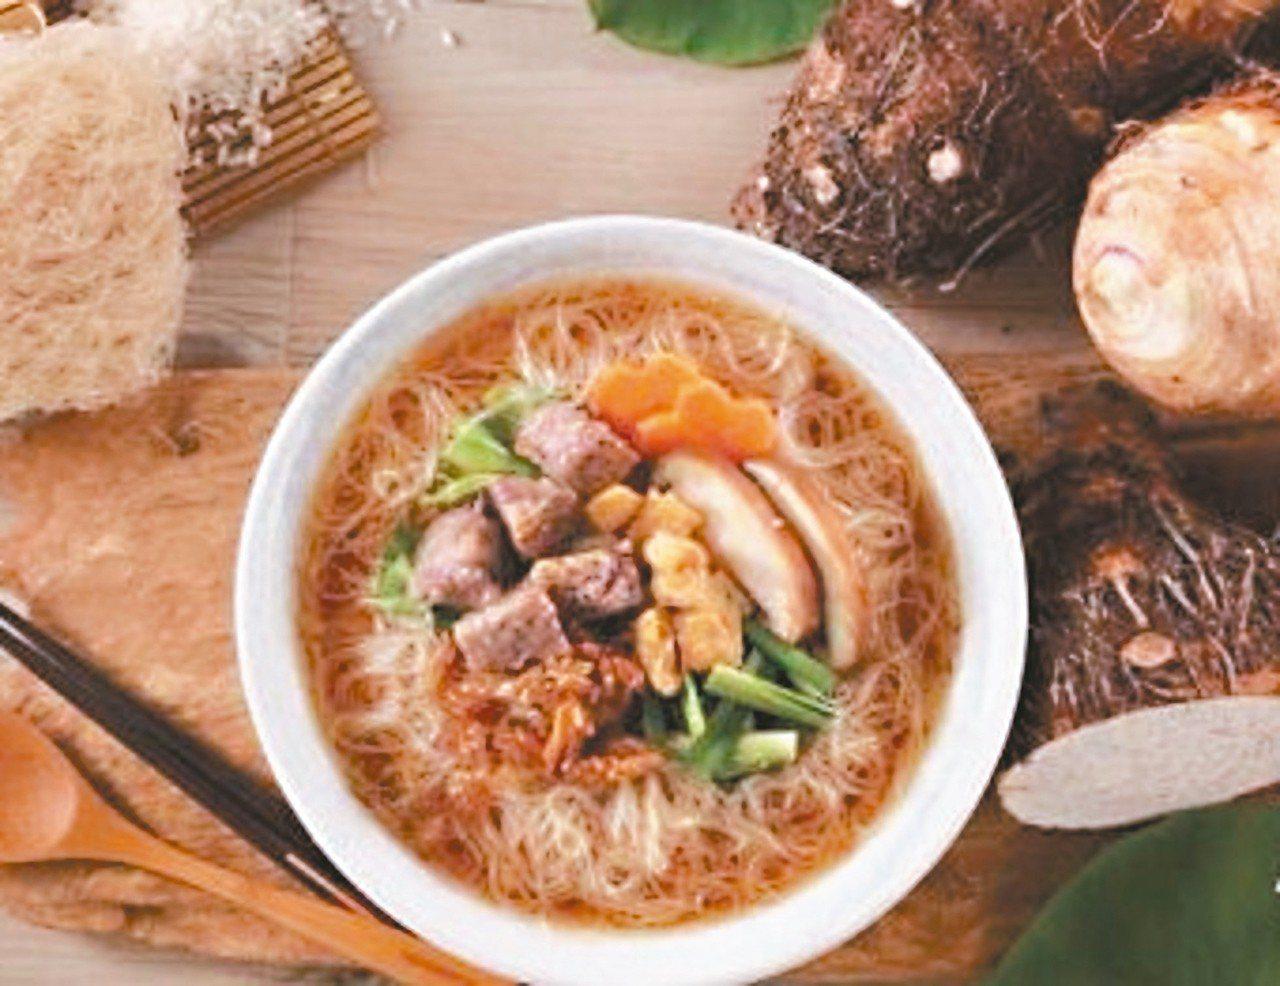 大甲農會指出,「芋鄉米粉」堅持以純米製造,特殊冷磨技術提升口感,融入芋頭風味與營...